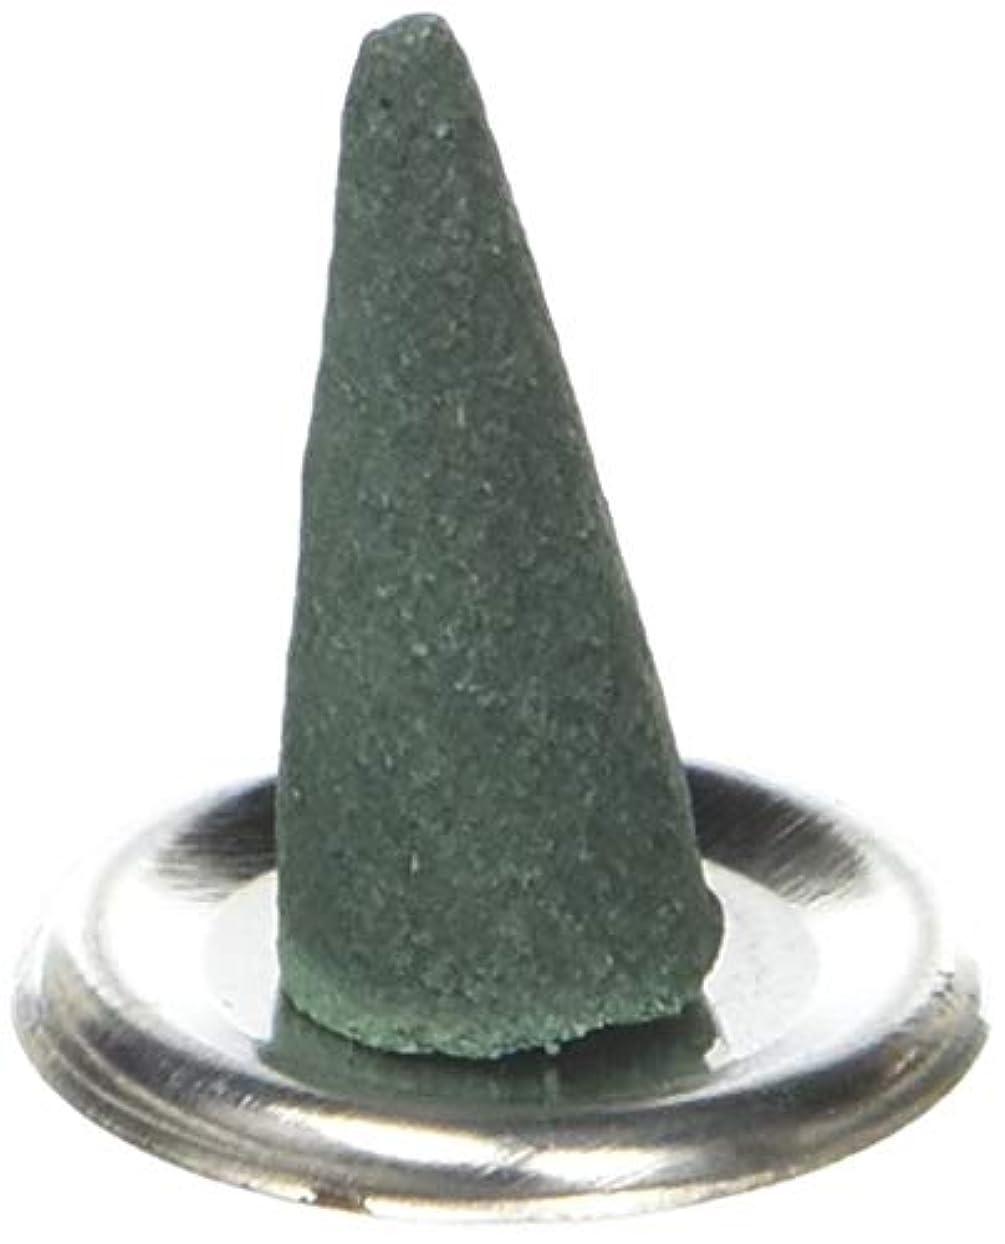 ルネッサンスエスカレーター無秩序アロマセラピーHosley Highly Fragranced Spiritual Incense Cones 180パック、Infused with Essential Oils。結婚の理想は、特別なイベント、アロマセラピー...